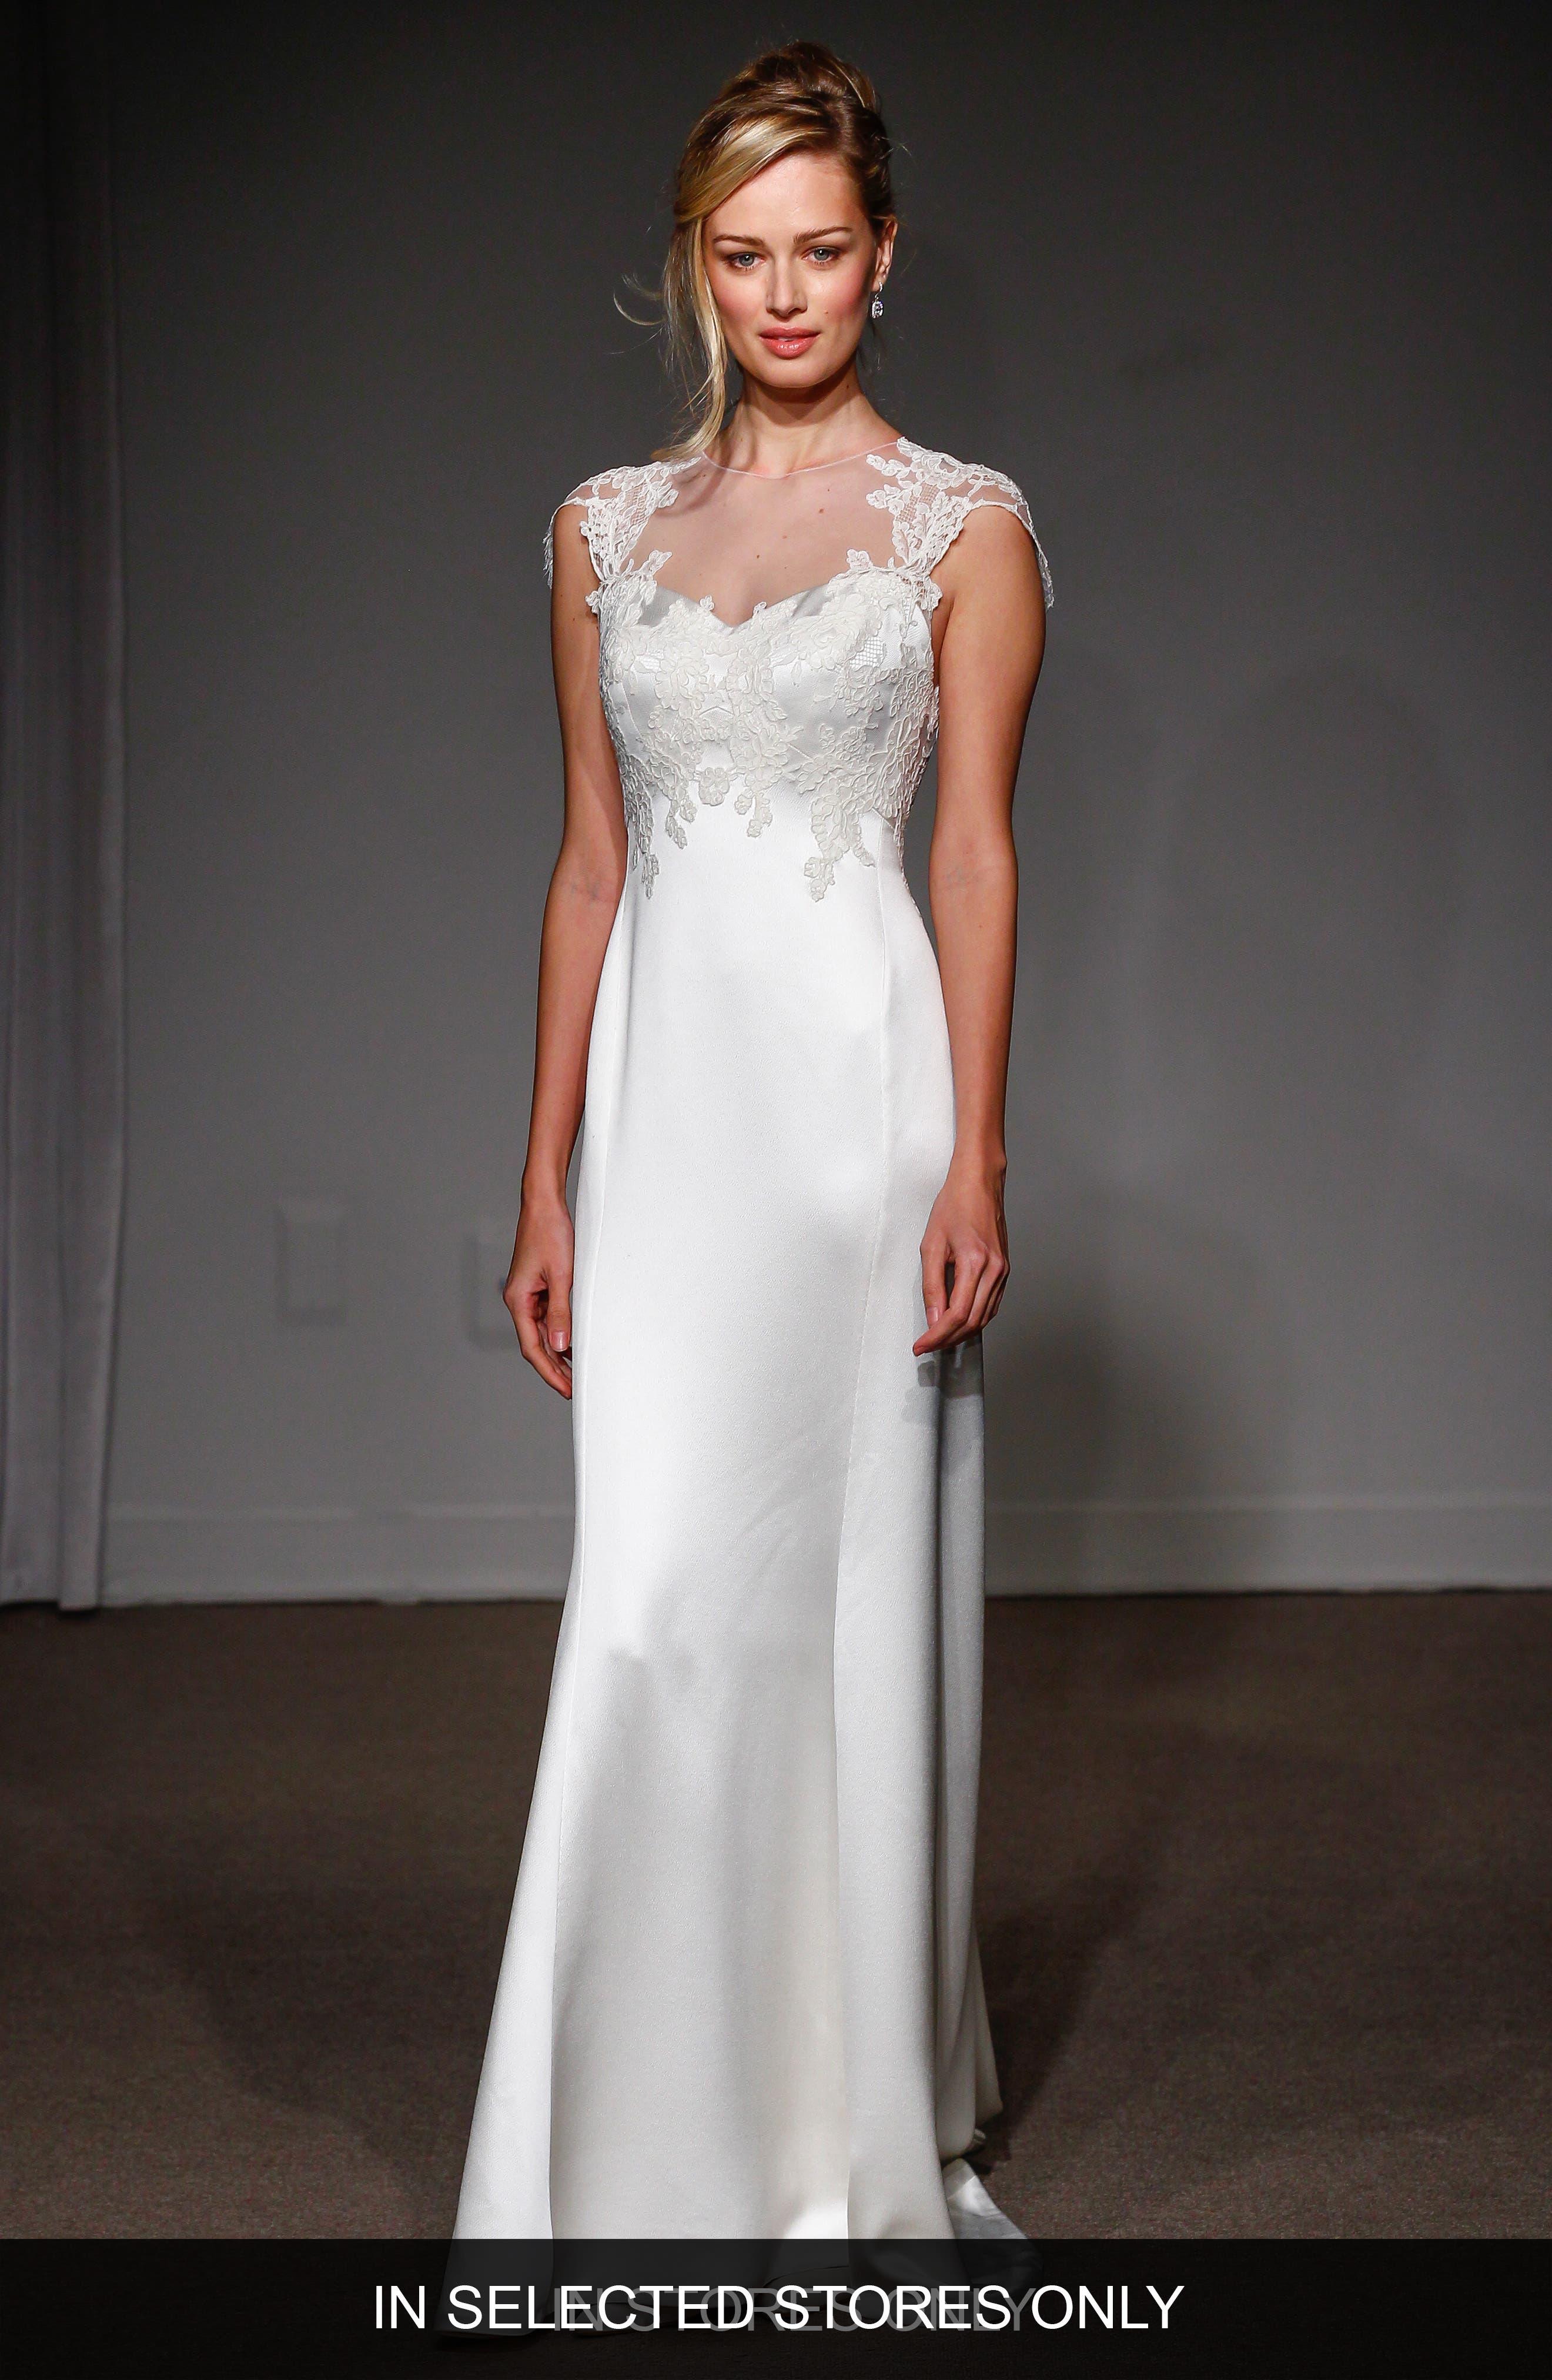 Grace Illusion Neck Lace & Satin A-Line Gown,                             Main thumbnail 1, color,                             Soft White